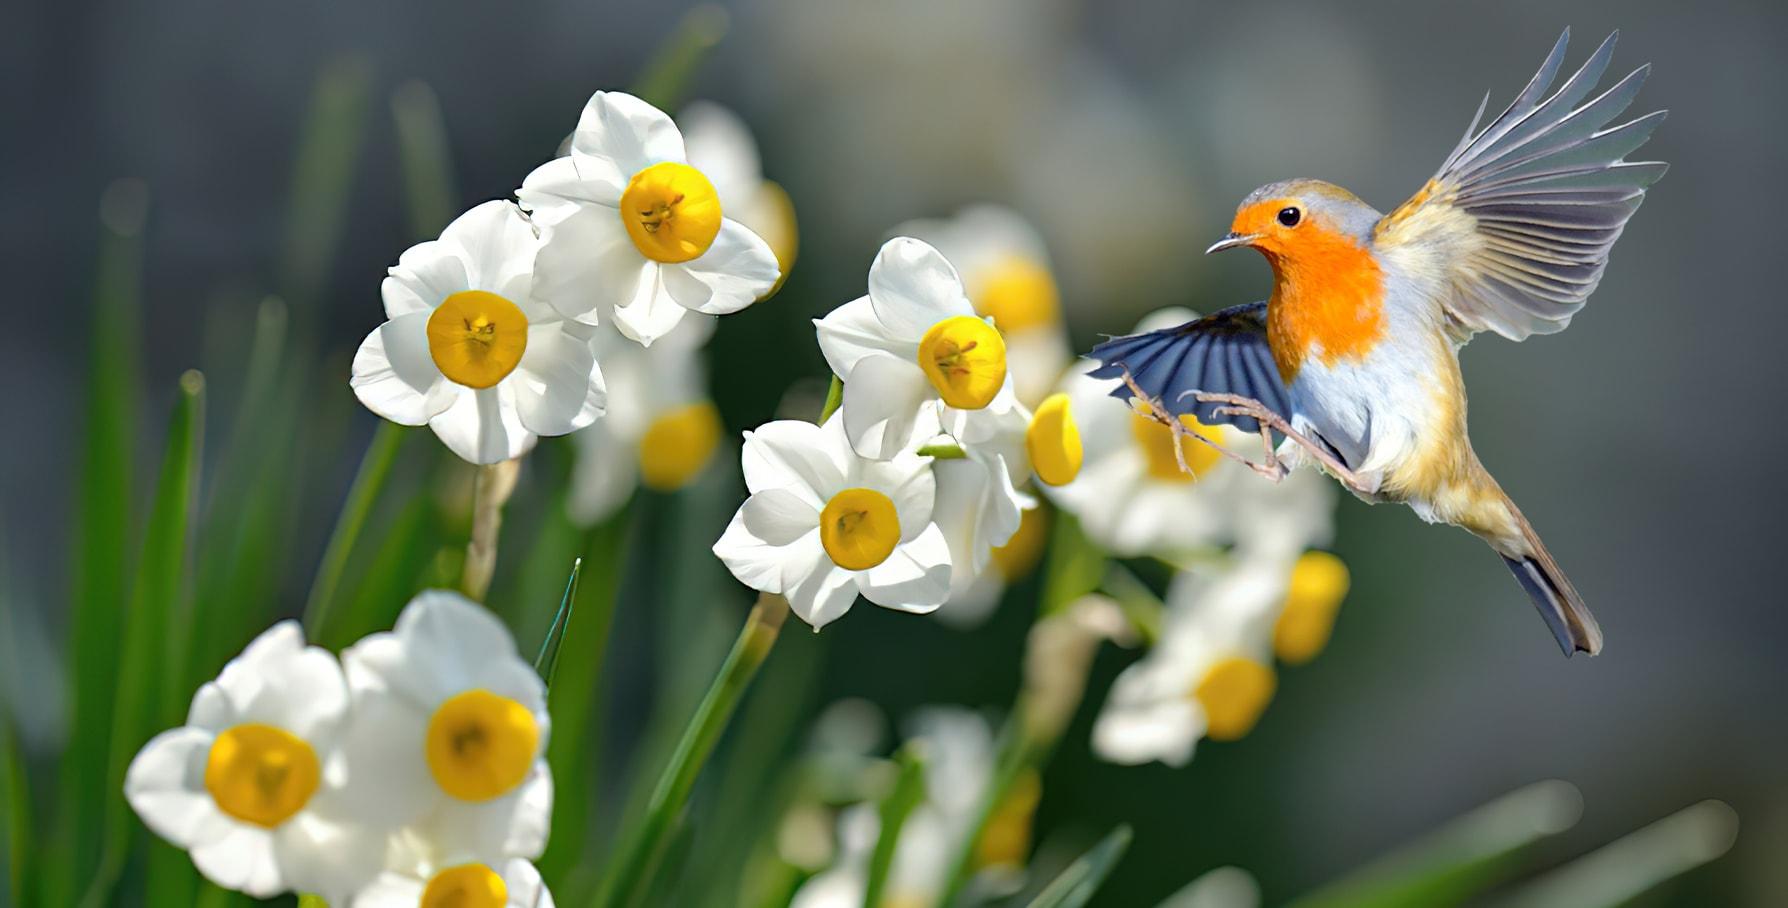 گل نرگس یک گیاه سمی برای پرنده